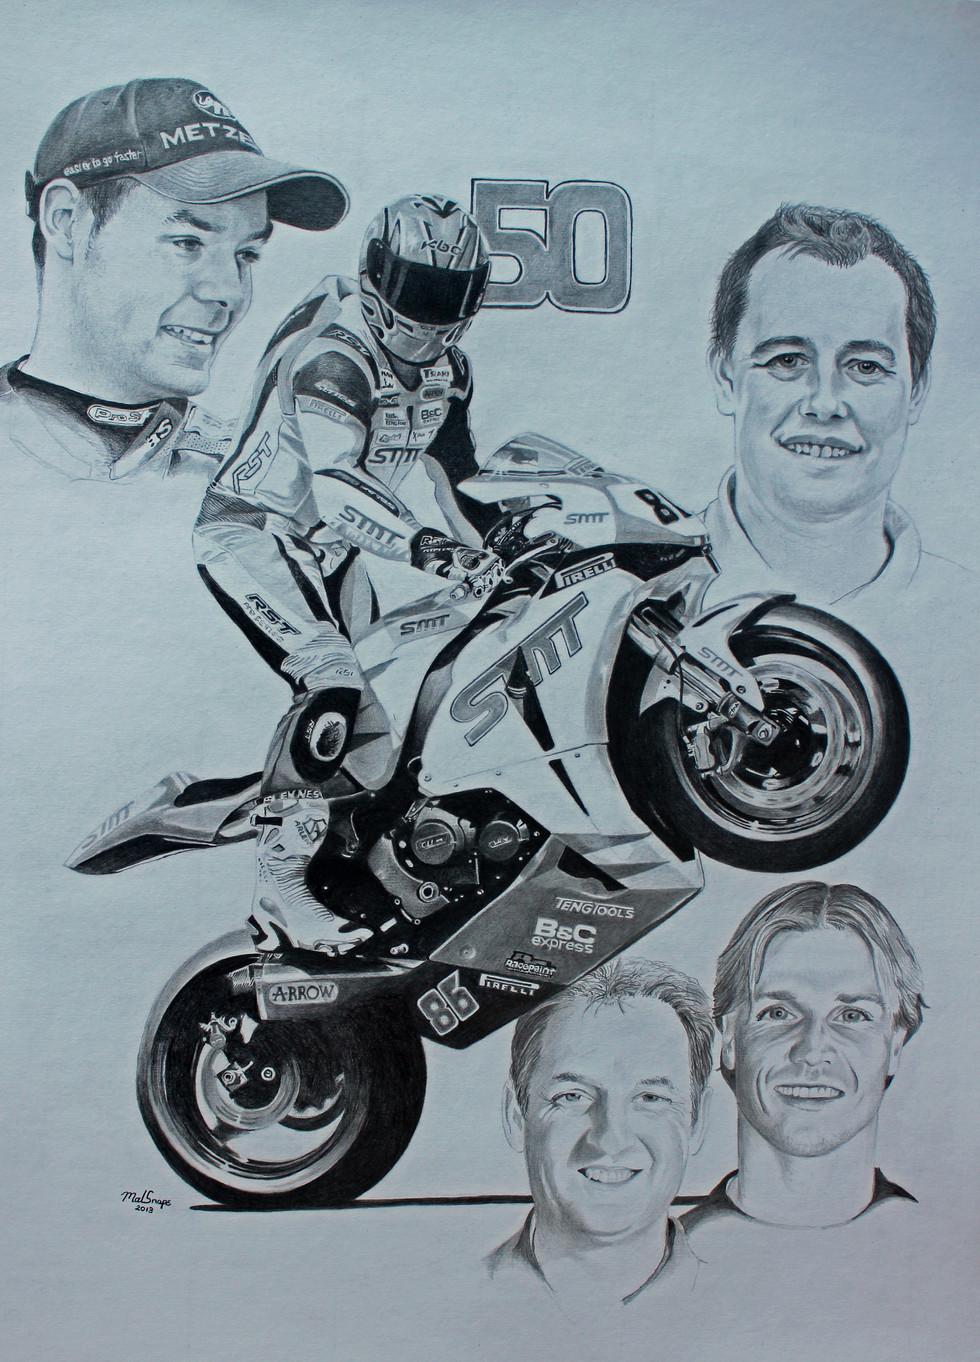 SMT RacingTeam - commission